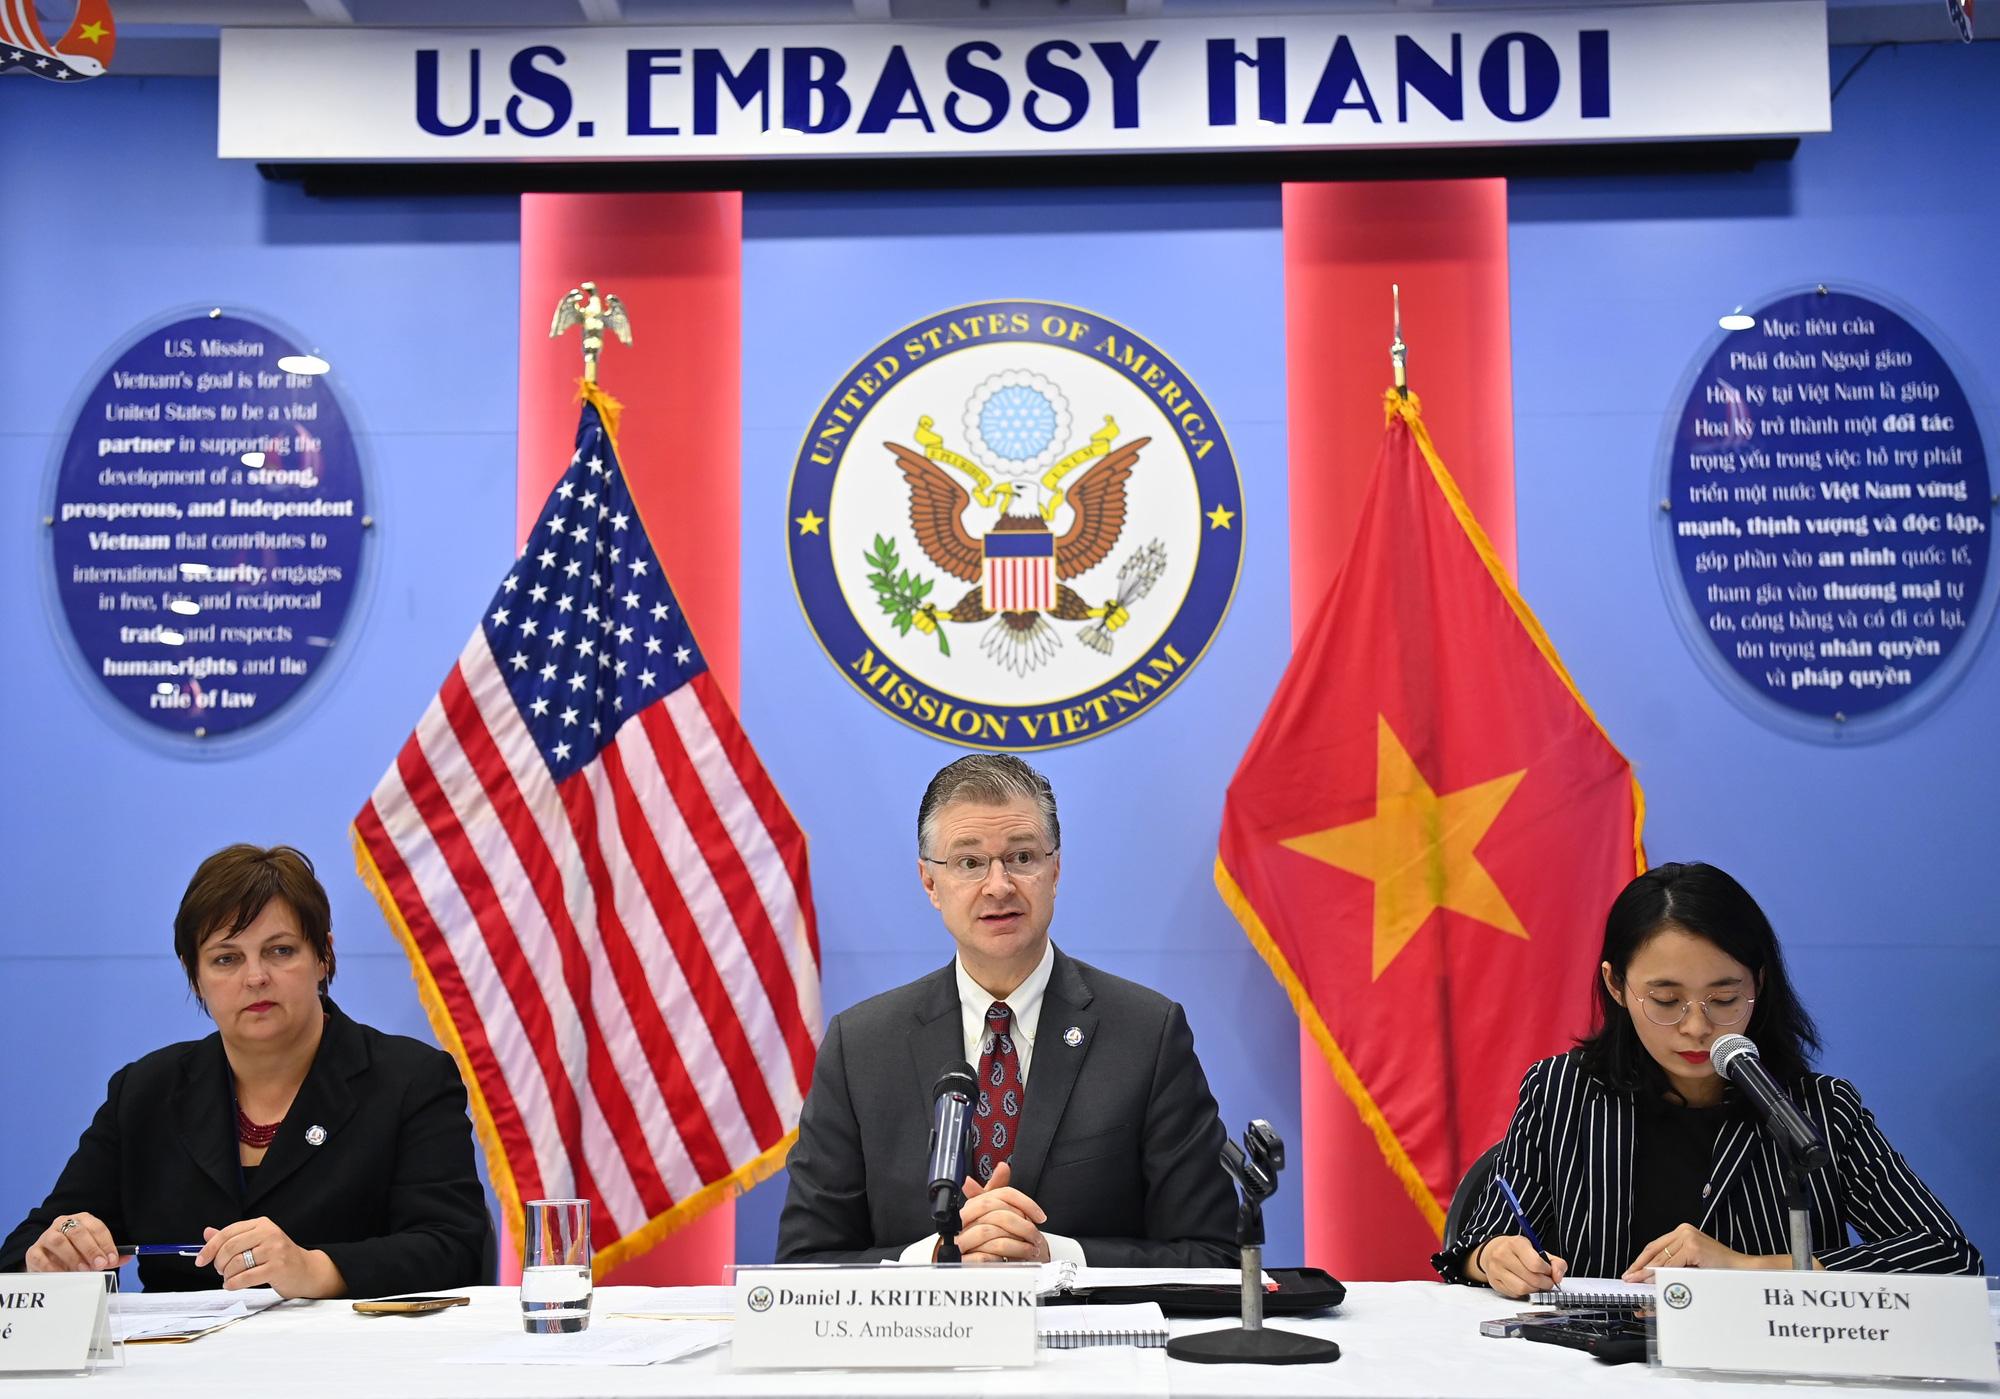 Đại sứ Mỹ: Tôi kính trọng Việt Nam và các nhà lãnh đạo Việt Nam - Ảnh 1.